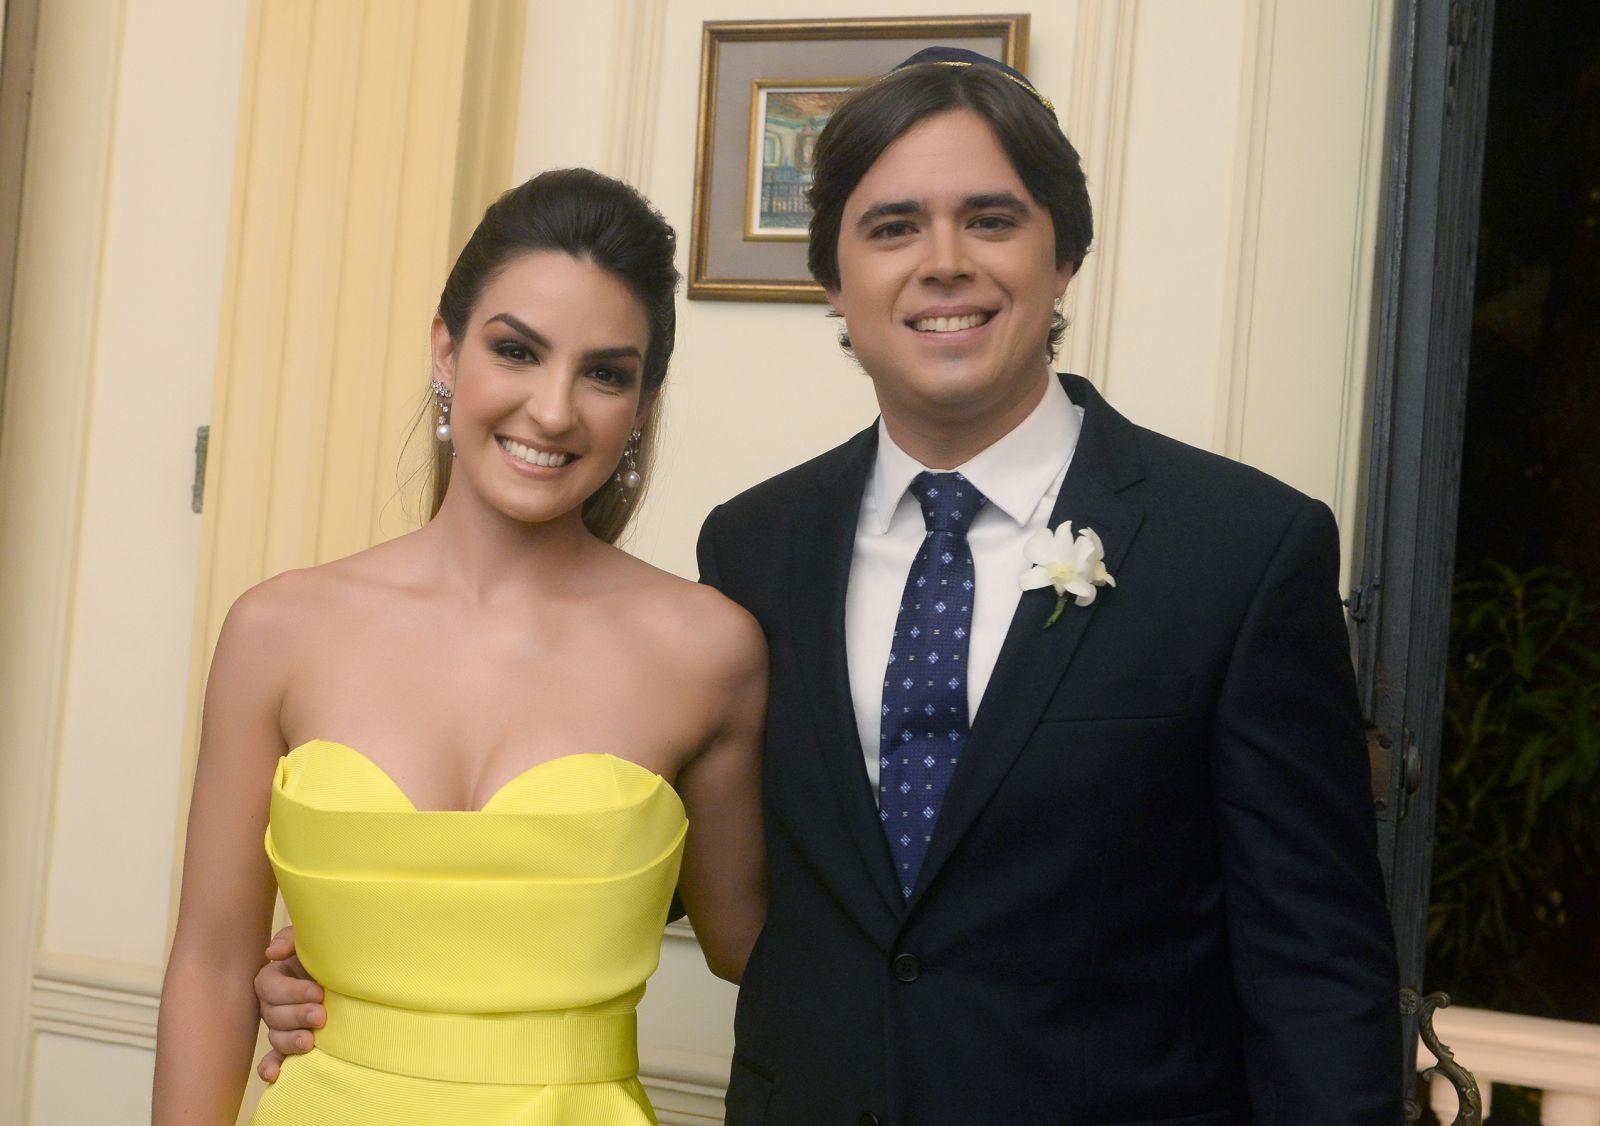 Alexandre Schanitman e Carolina Furtado foram destaque no casamento de Eduardo Schnitman e Natália Marchesini